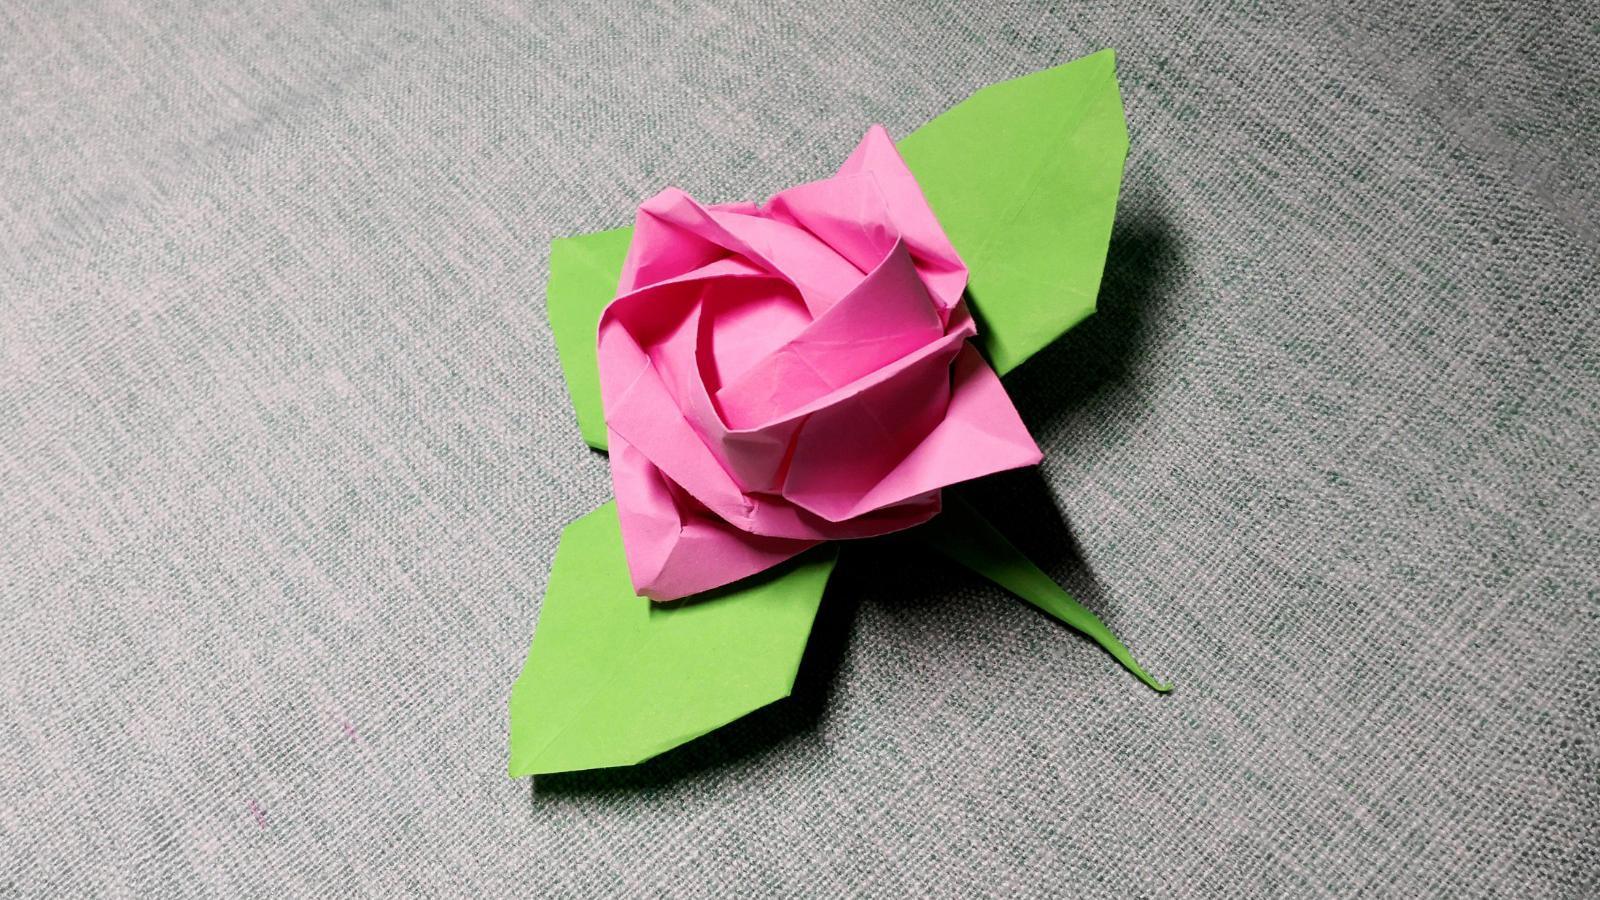 川崎玫瑰花叶子的折叠方法树叶手工折纸视频教程